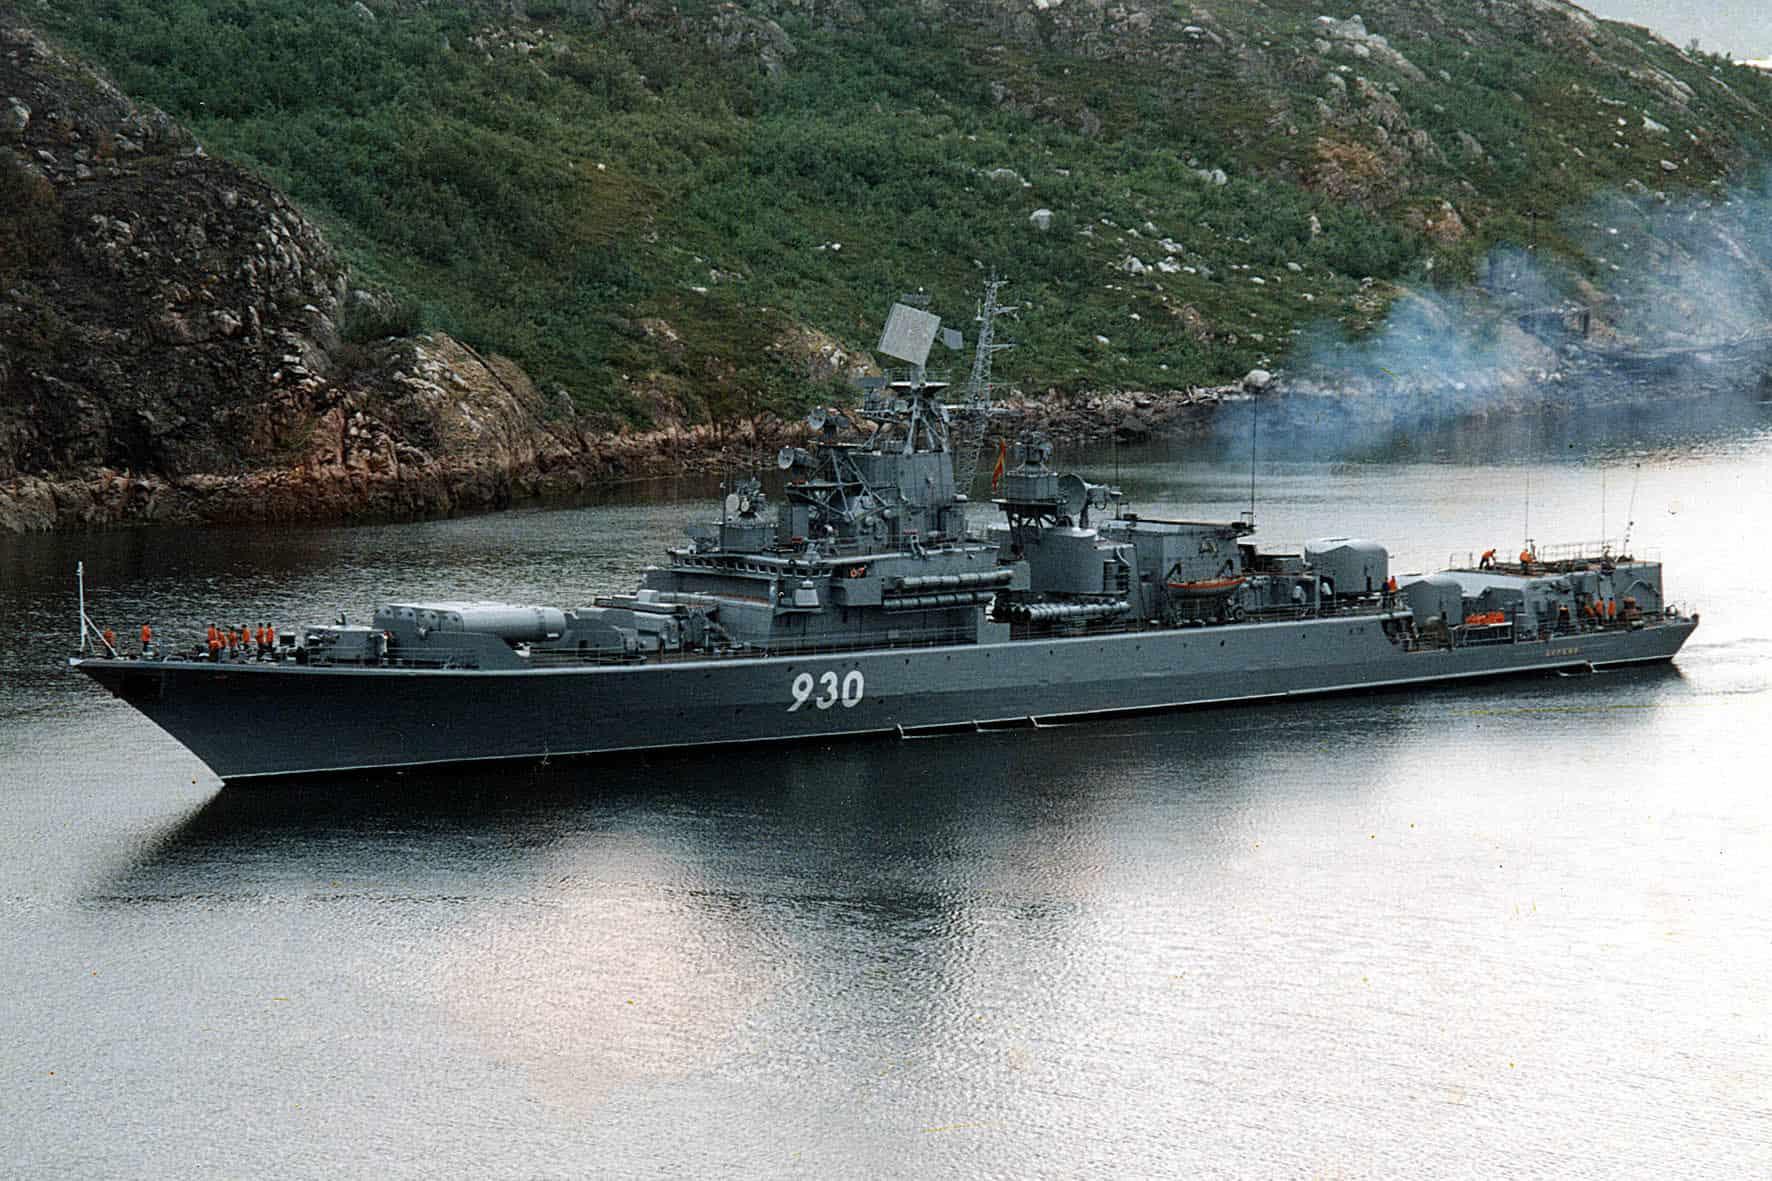 СКР «Лёгкий» (ранее «Ленинградский комсомолец»)